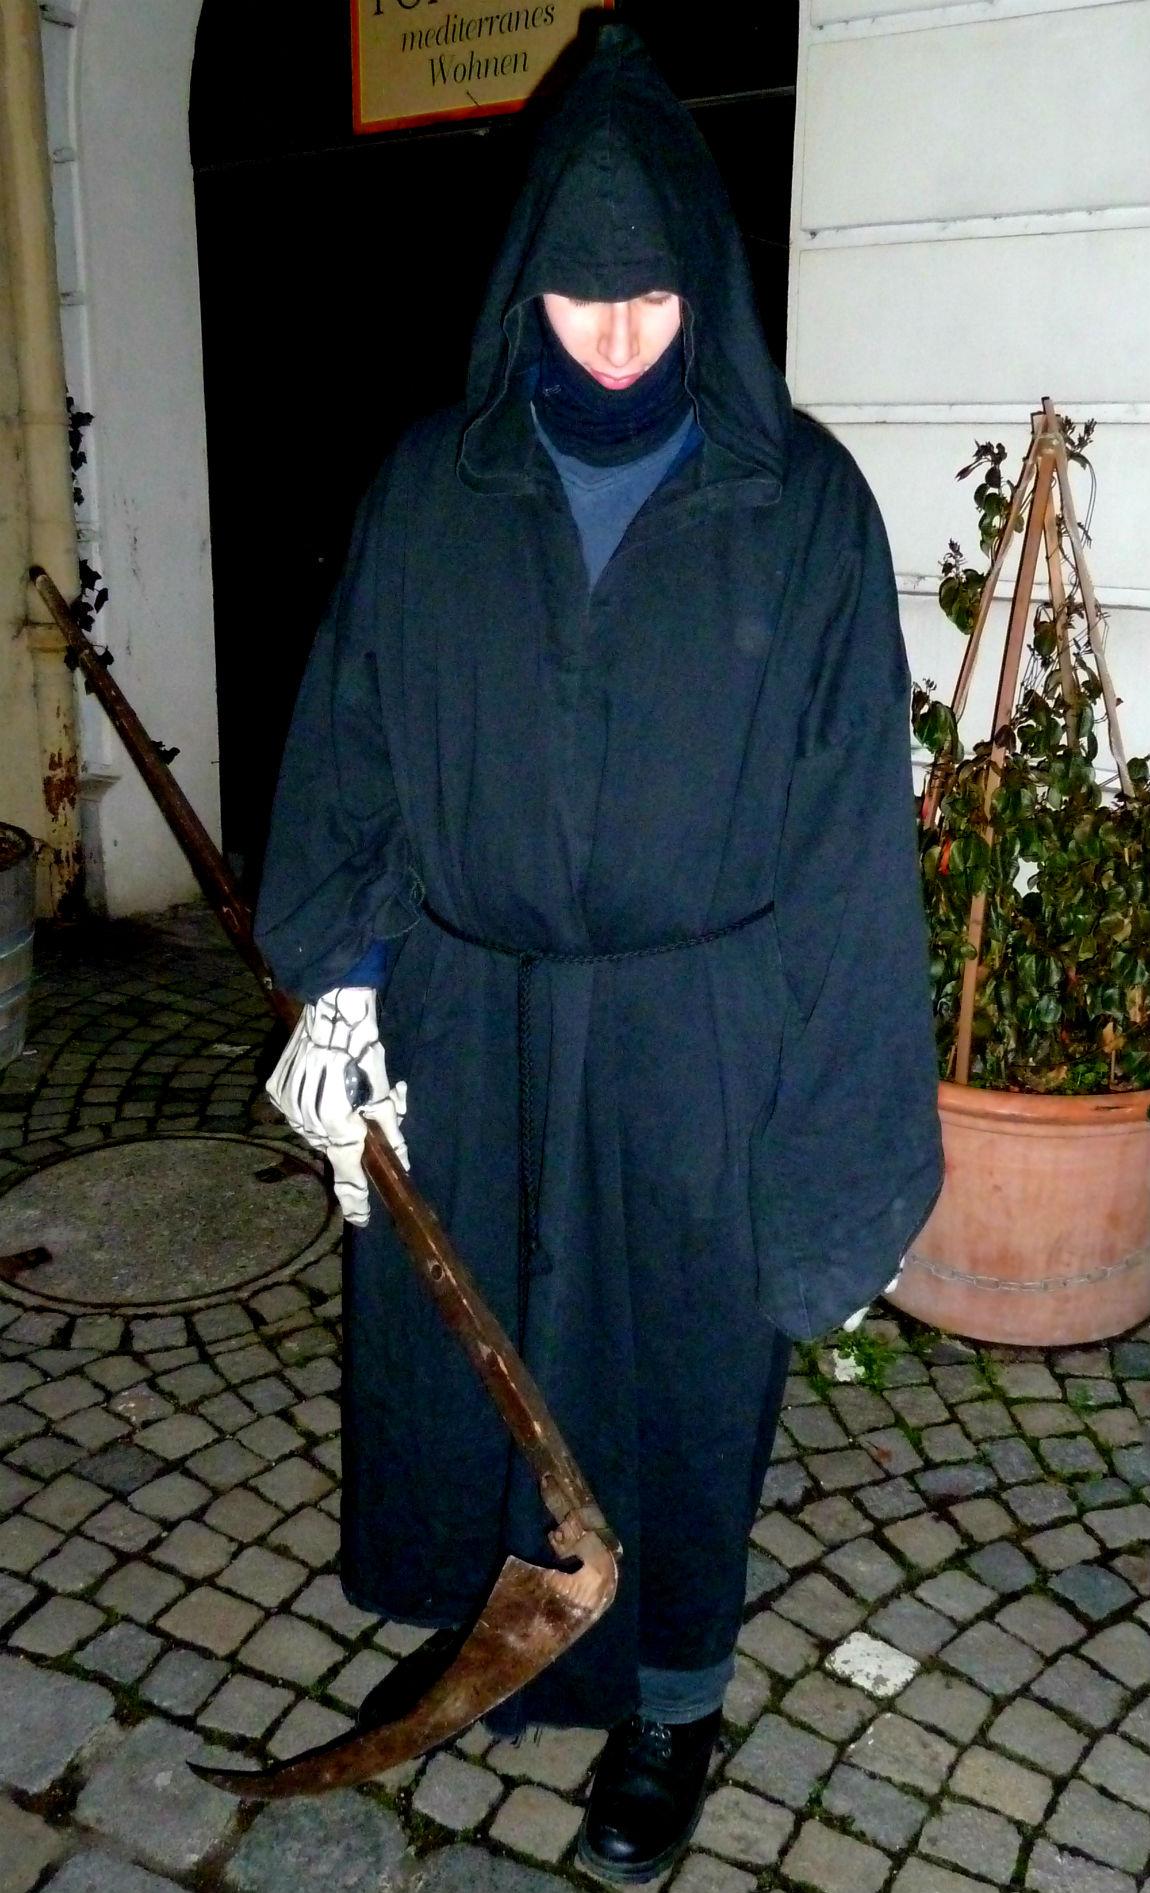 Meeting the Grim Reaper in Esslingen